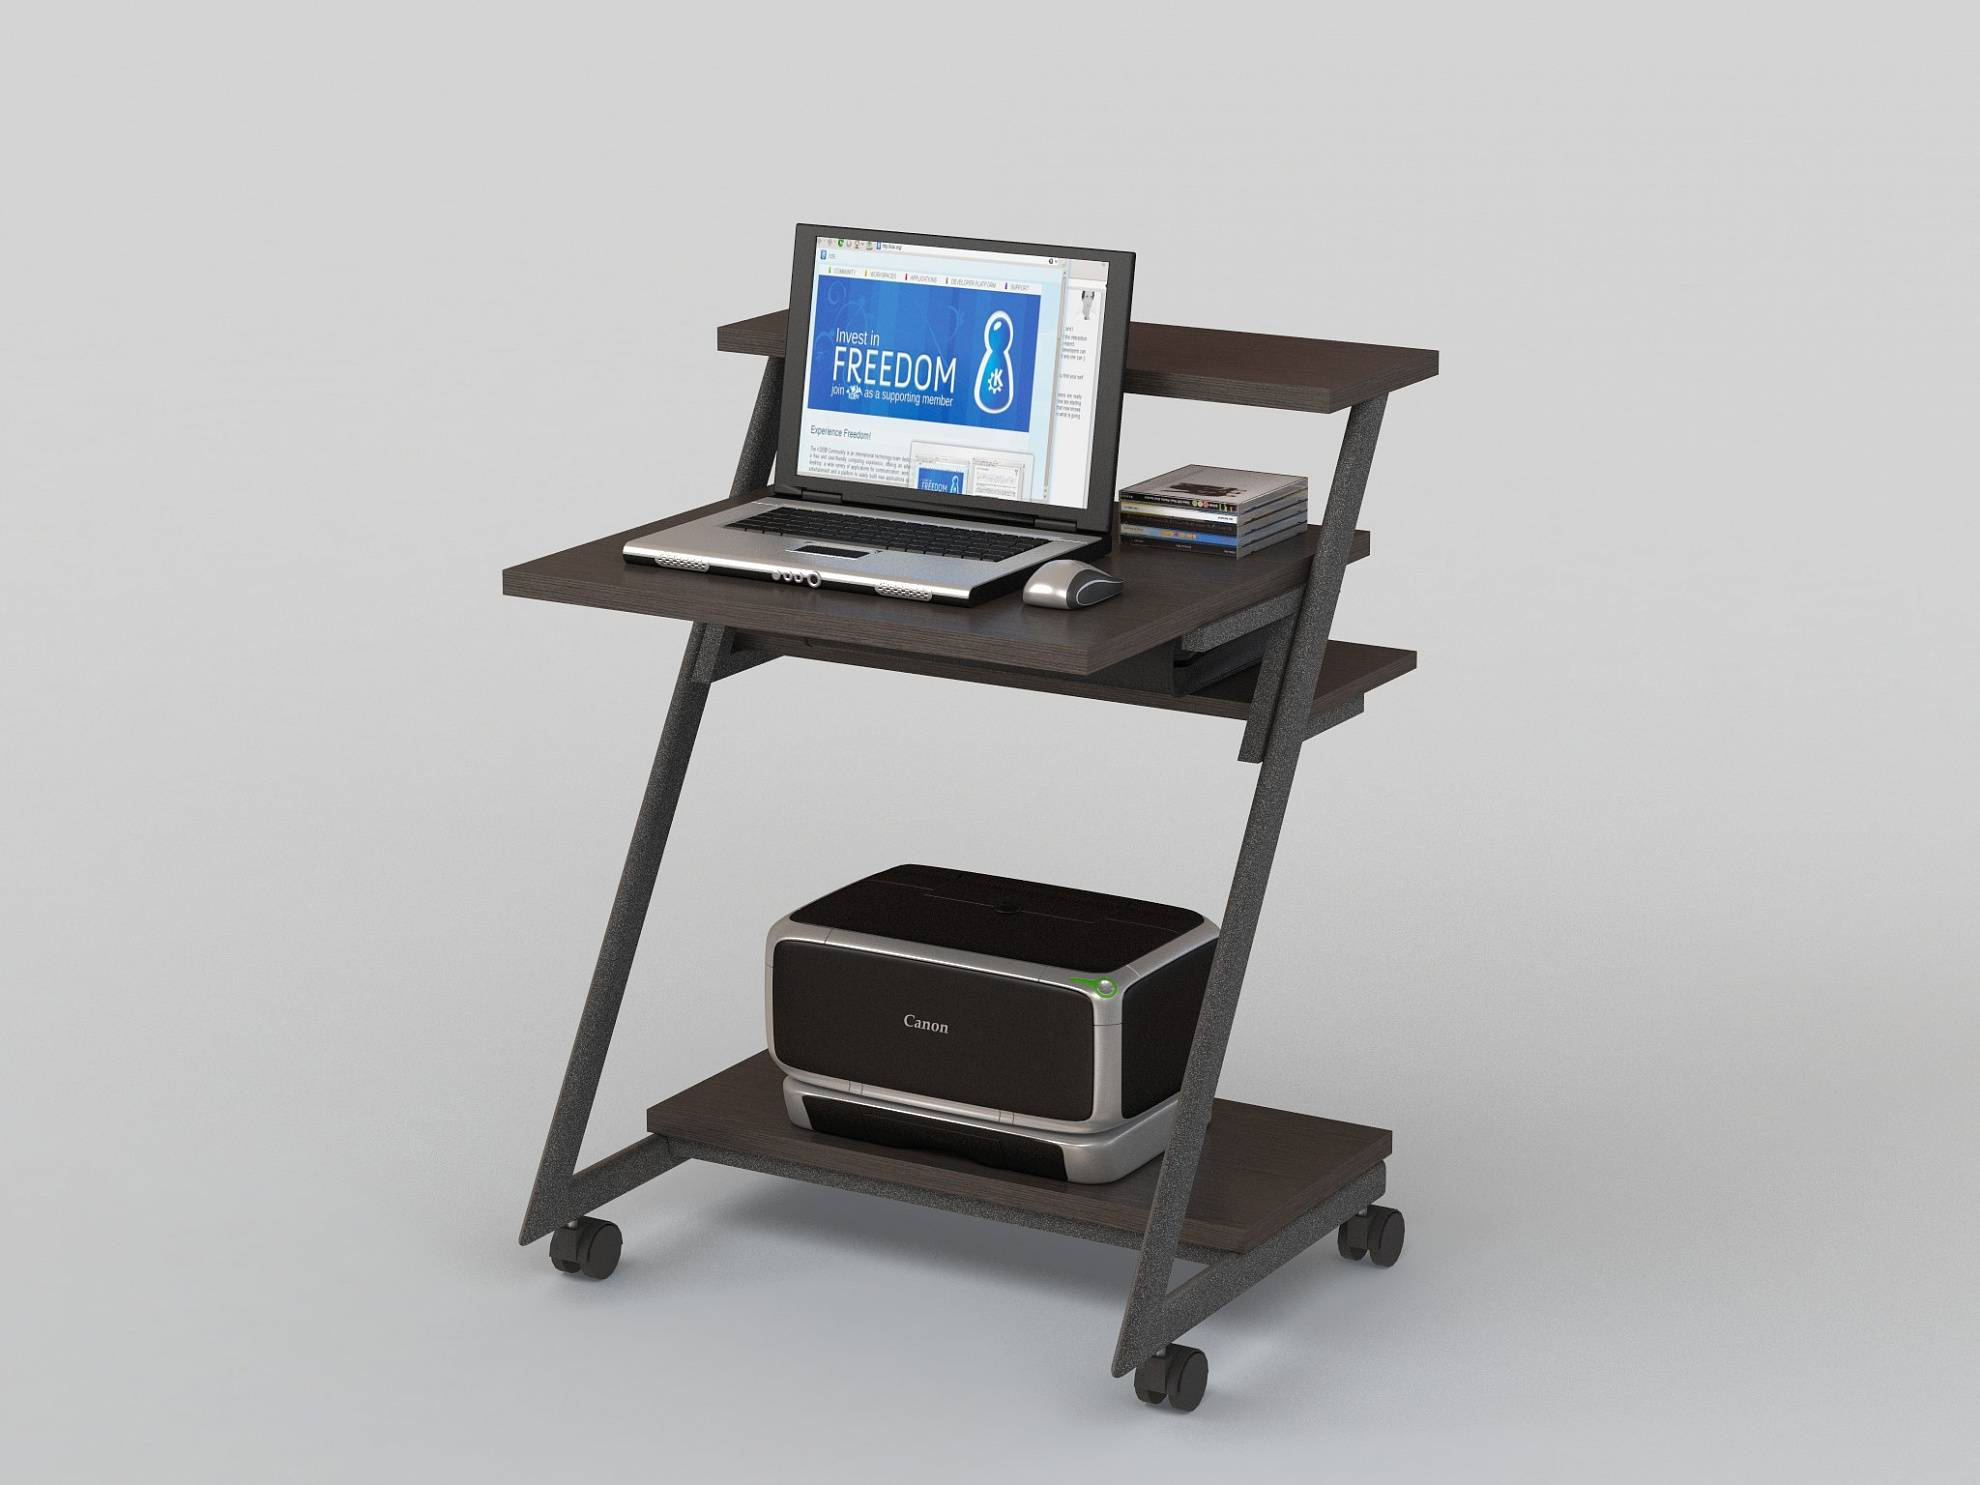 Компьютерный стол васко кс 20-33 м3 - купить в москве по низ.